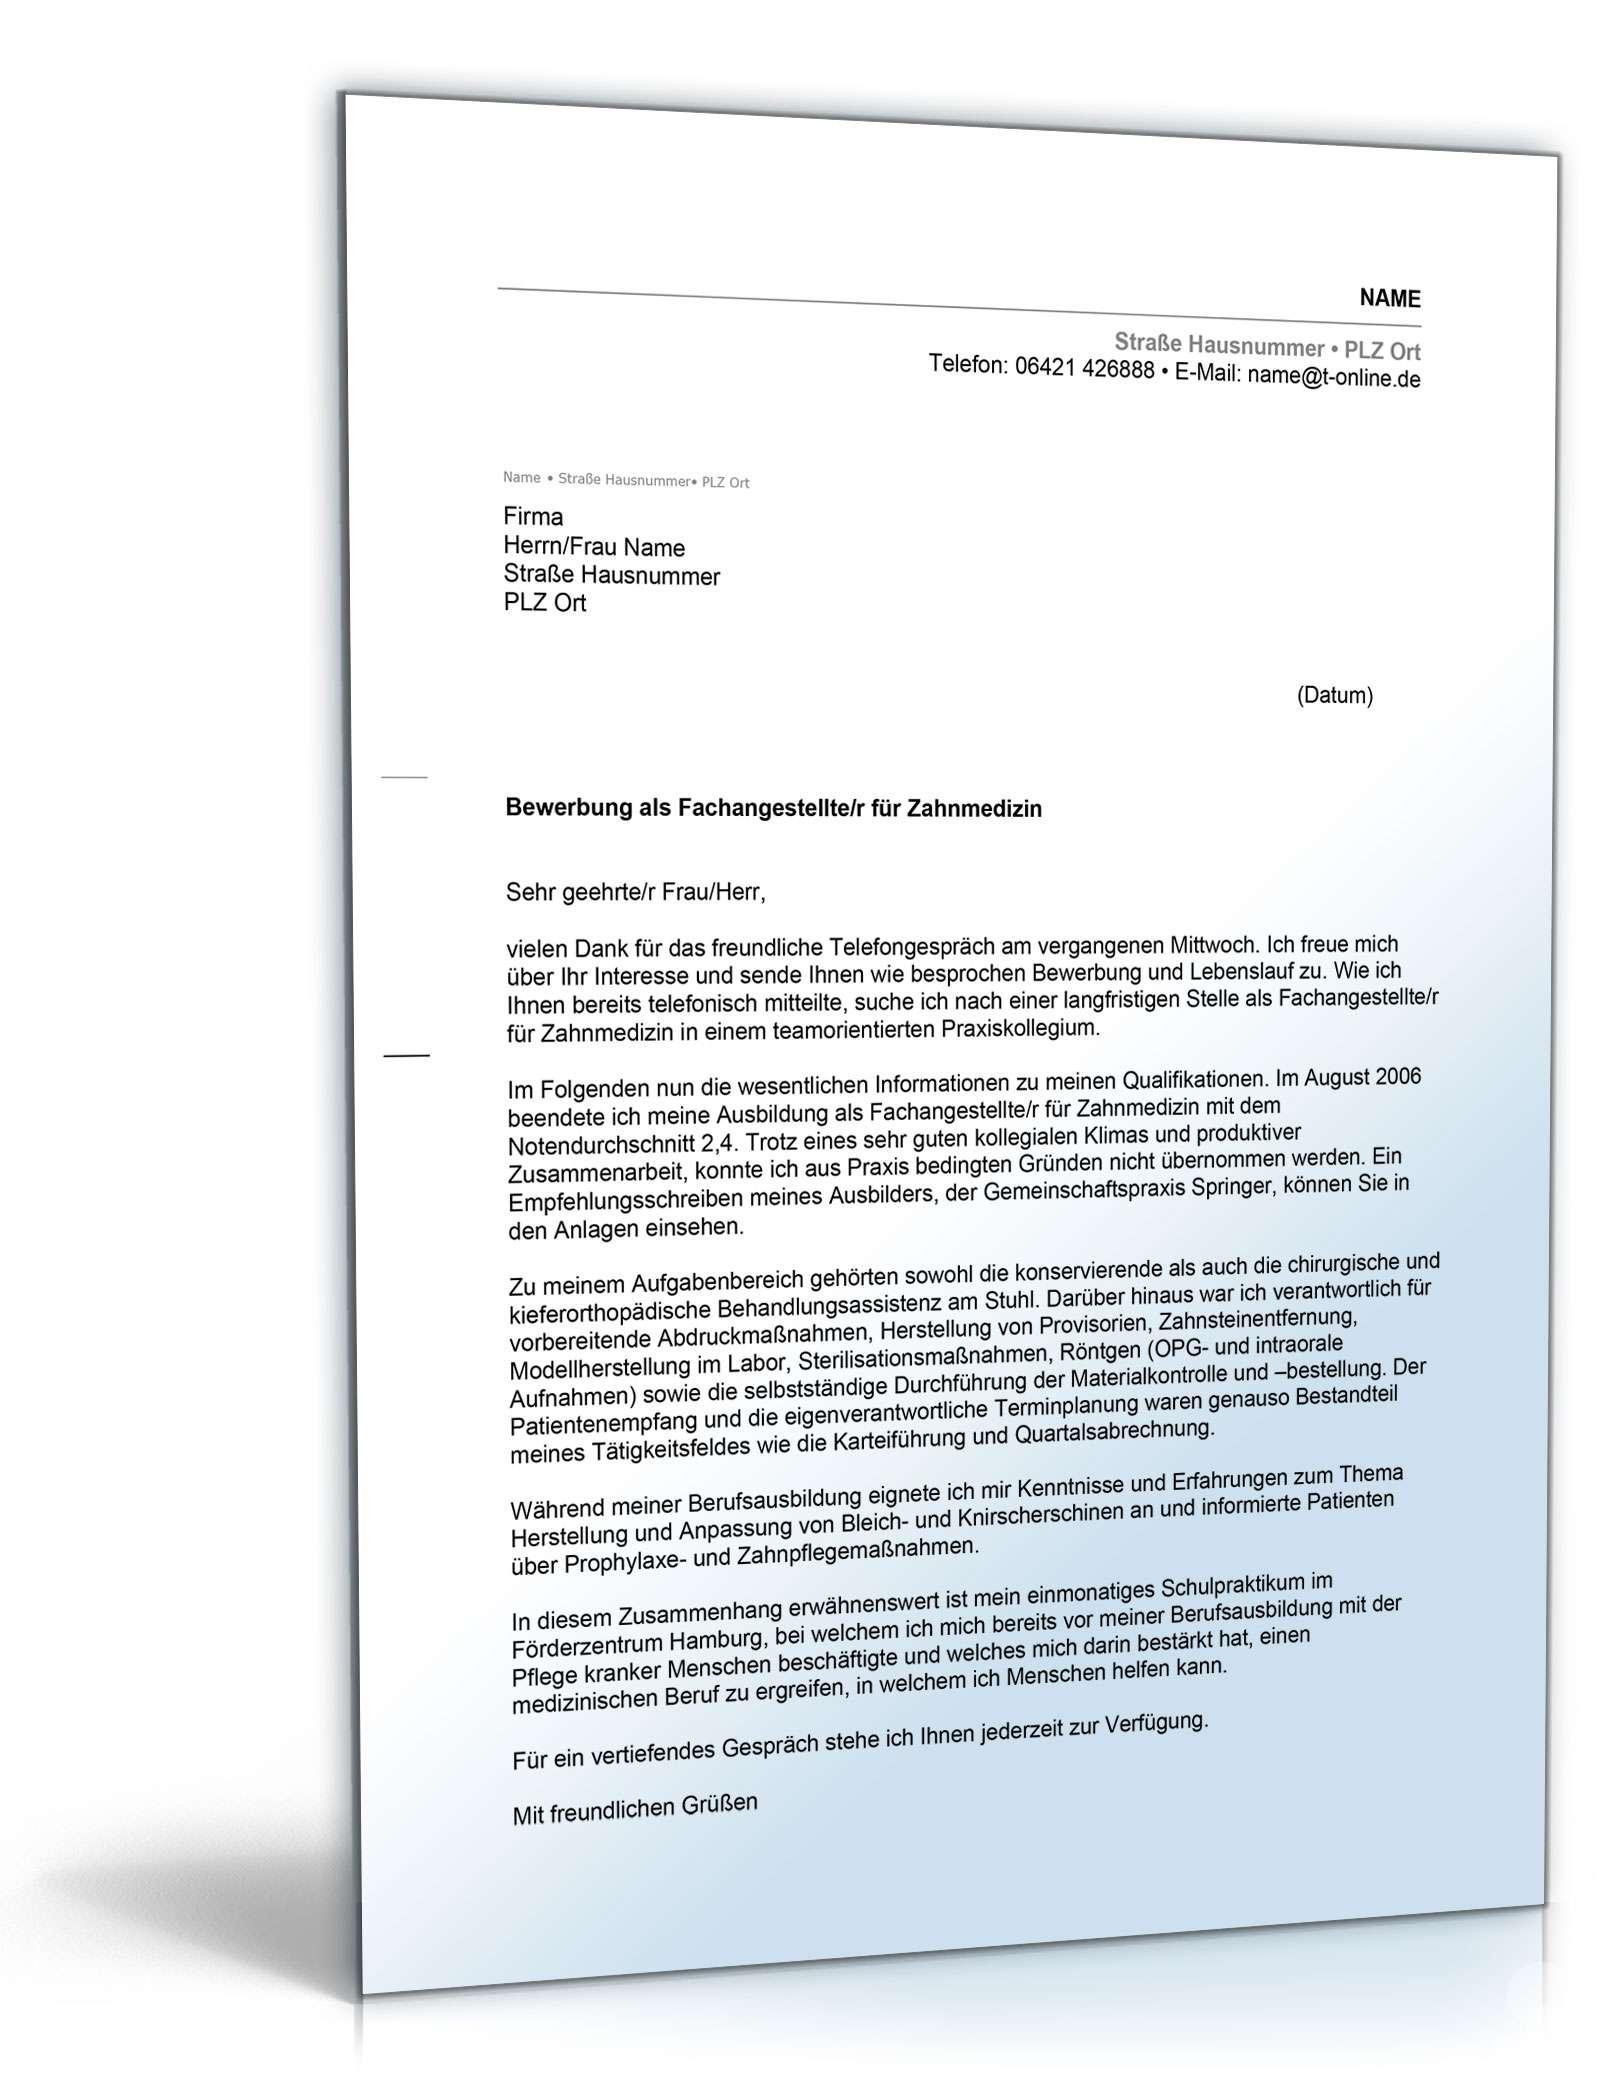 Anschreiben Bewerbung Berufseinsteiger Vorlage Zum Download